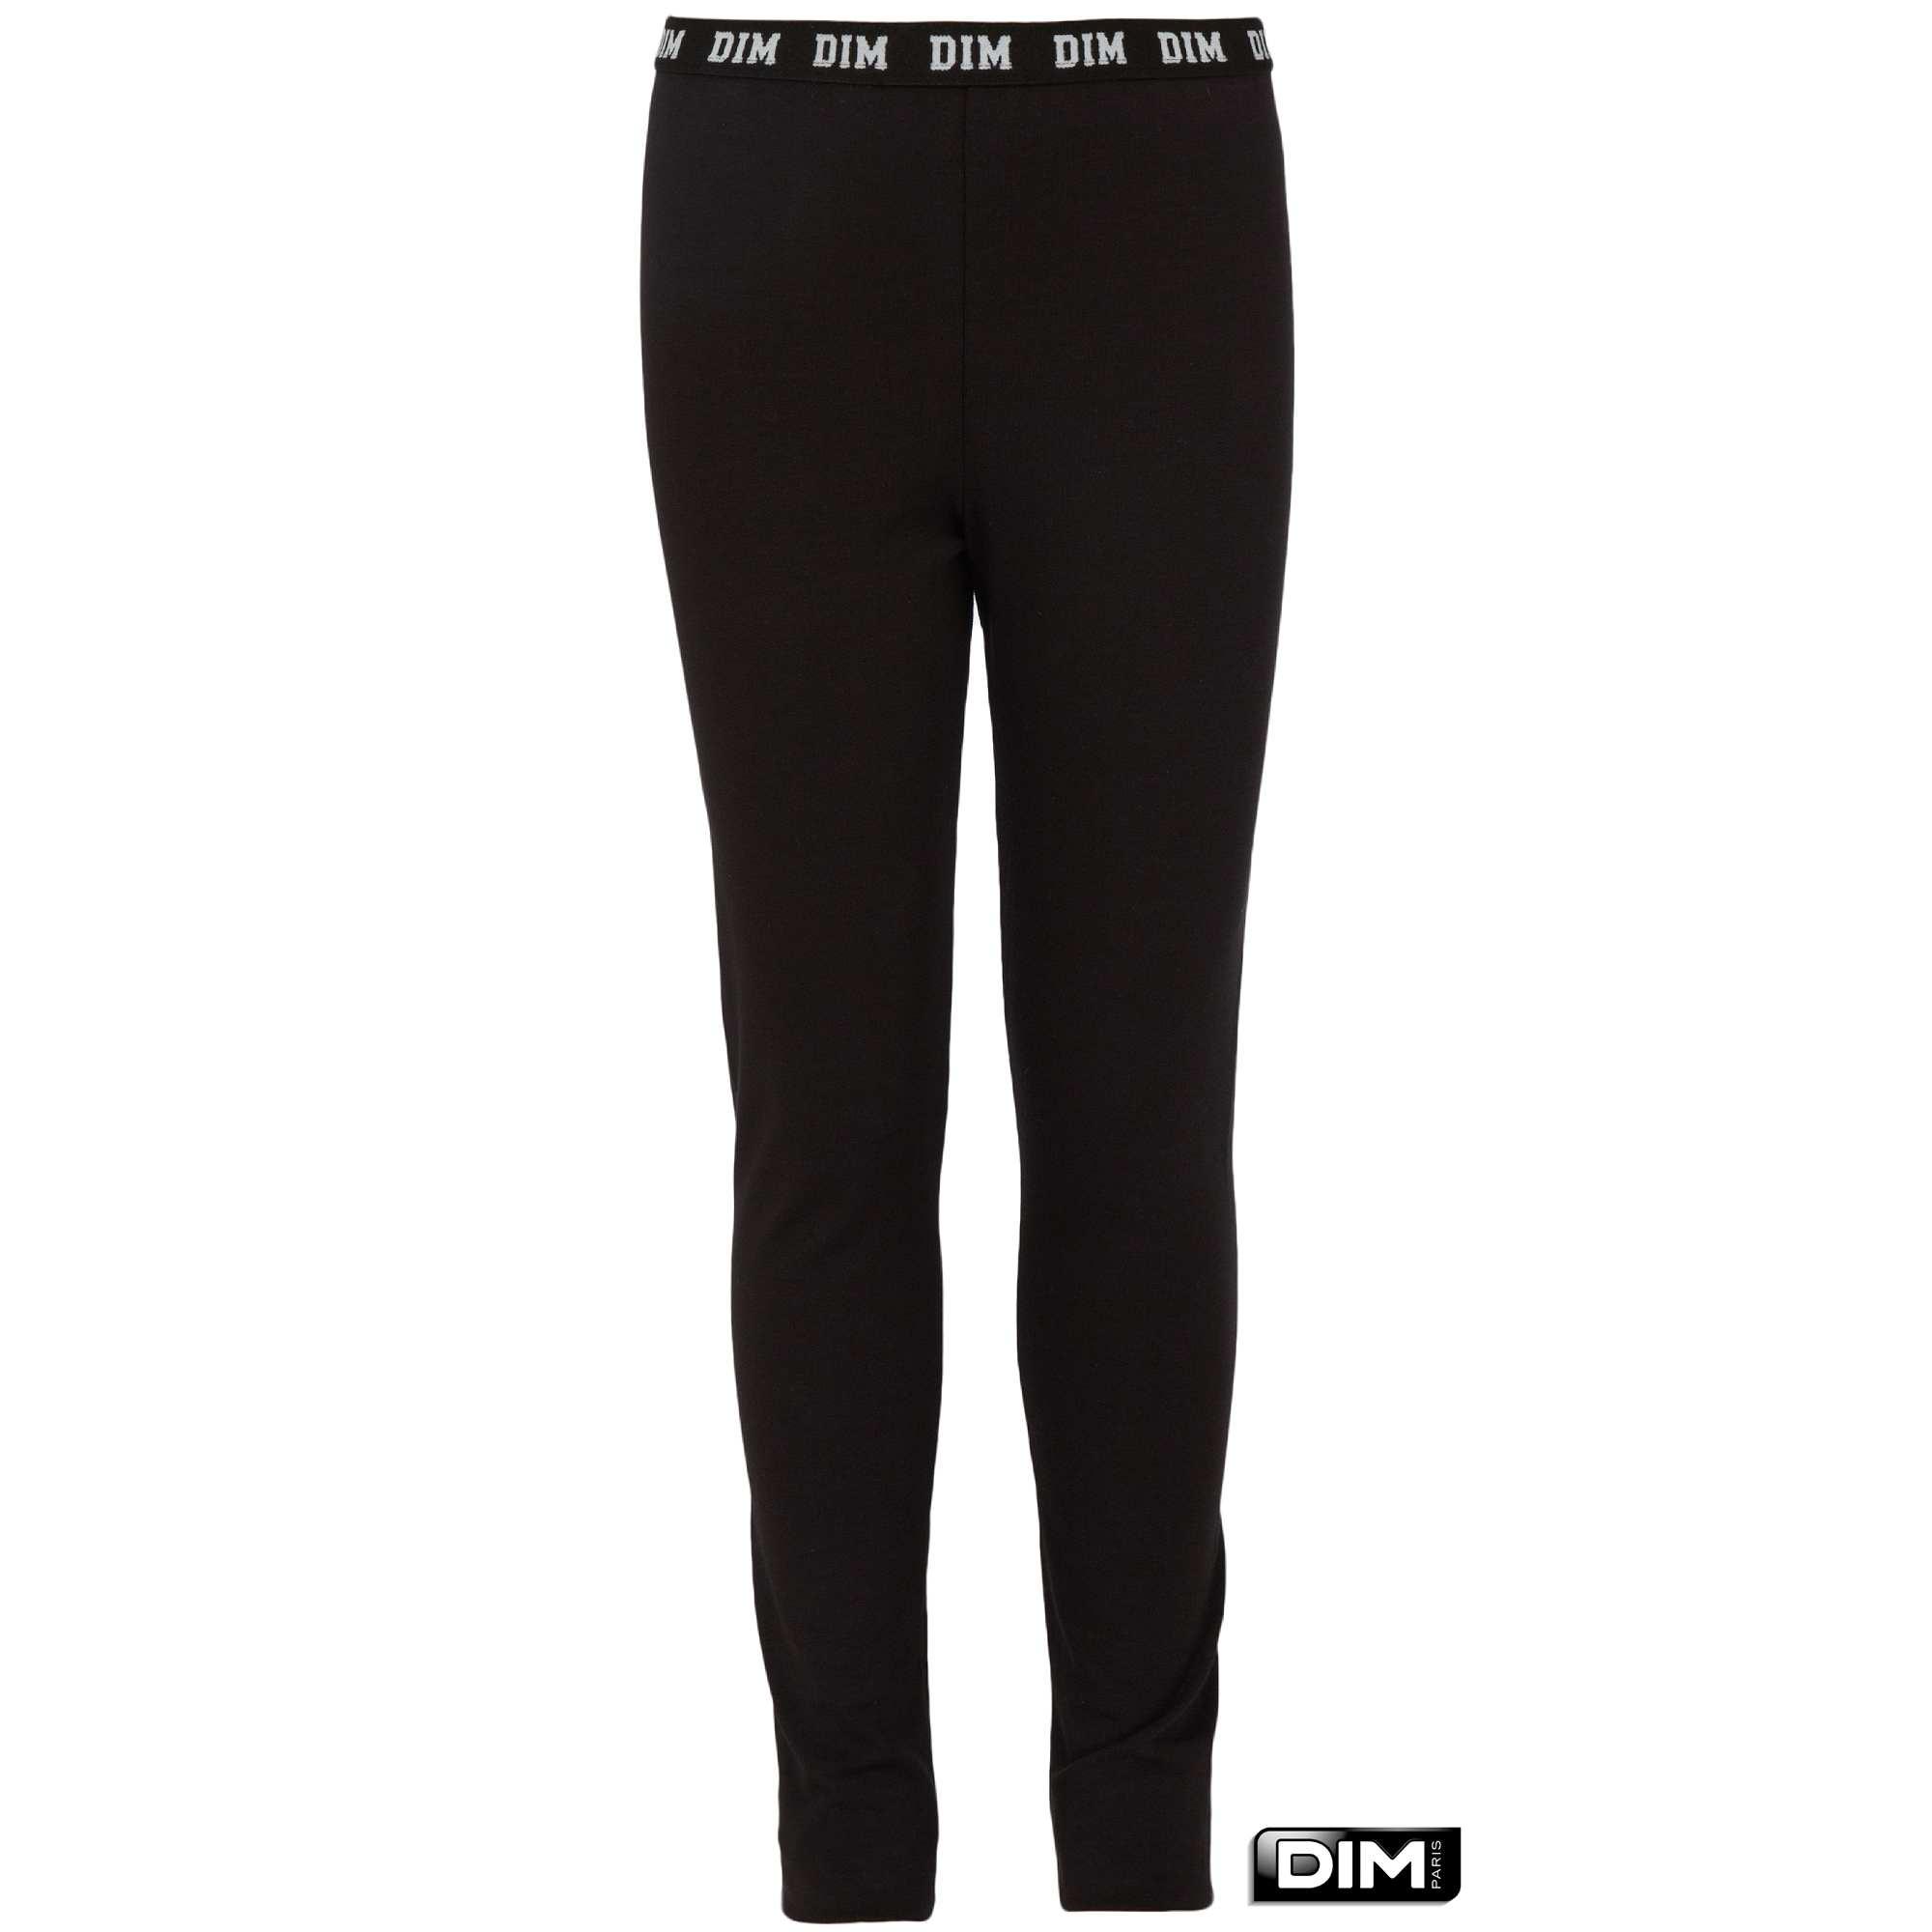 Couleur : noir, , ,, - Taille : 4/5A, 8A, 6A,10A,Un indispensable ! - Taille élastique - En coton stretch - Uni